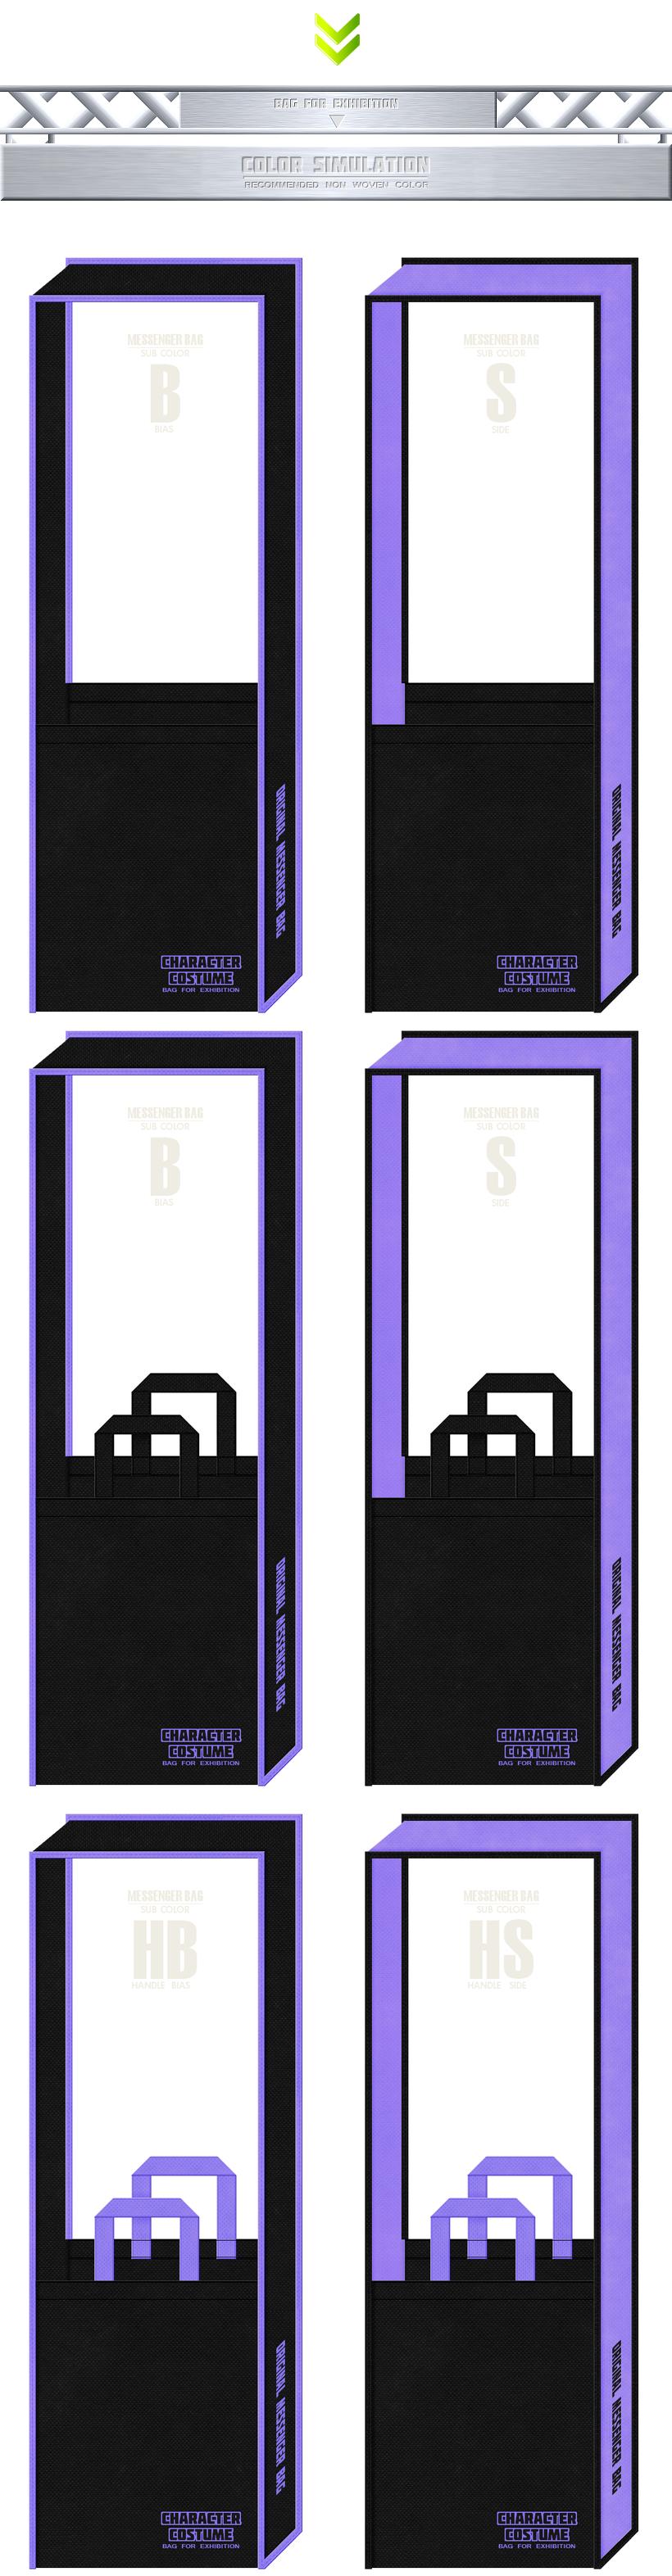 黒色と薄紫色の不織布メッセンジャーバッグのカラーシミュレーション:ウィッグ・コスプレ衣装の展示会用バッグ